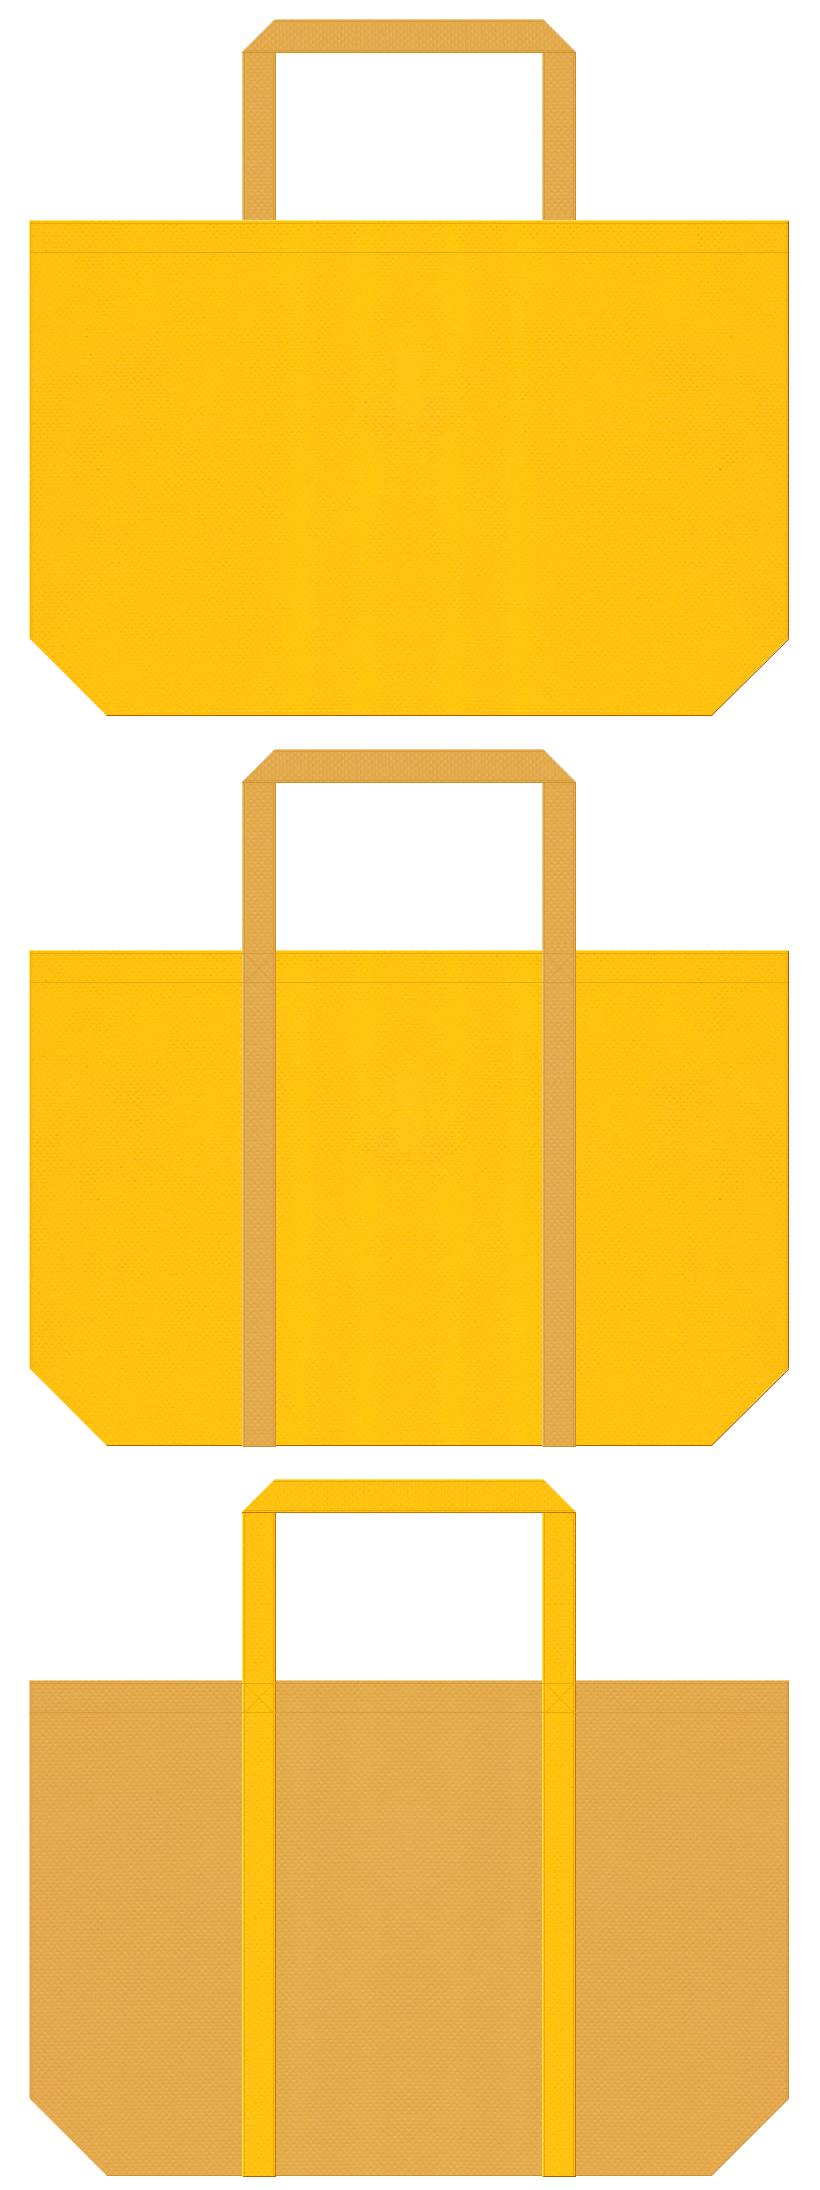 黄色と黄土色の不織布バッグデザイン。宝物・黄金イメージで、ゲームのショッピングバッグにお奨めです。